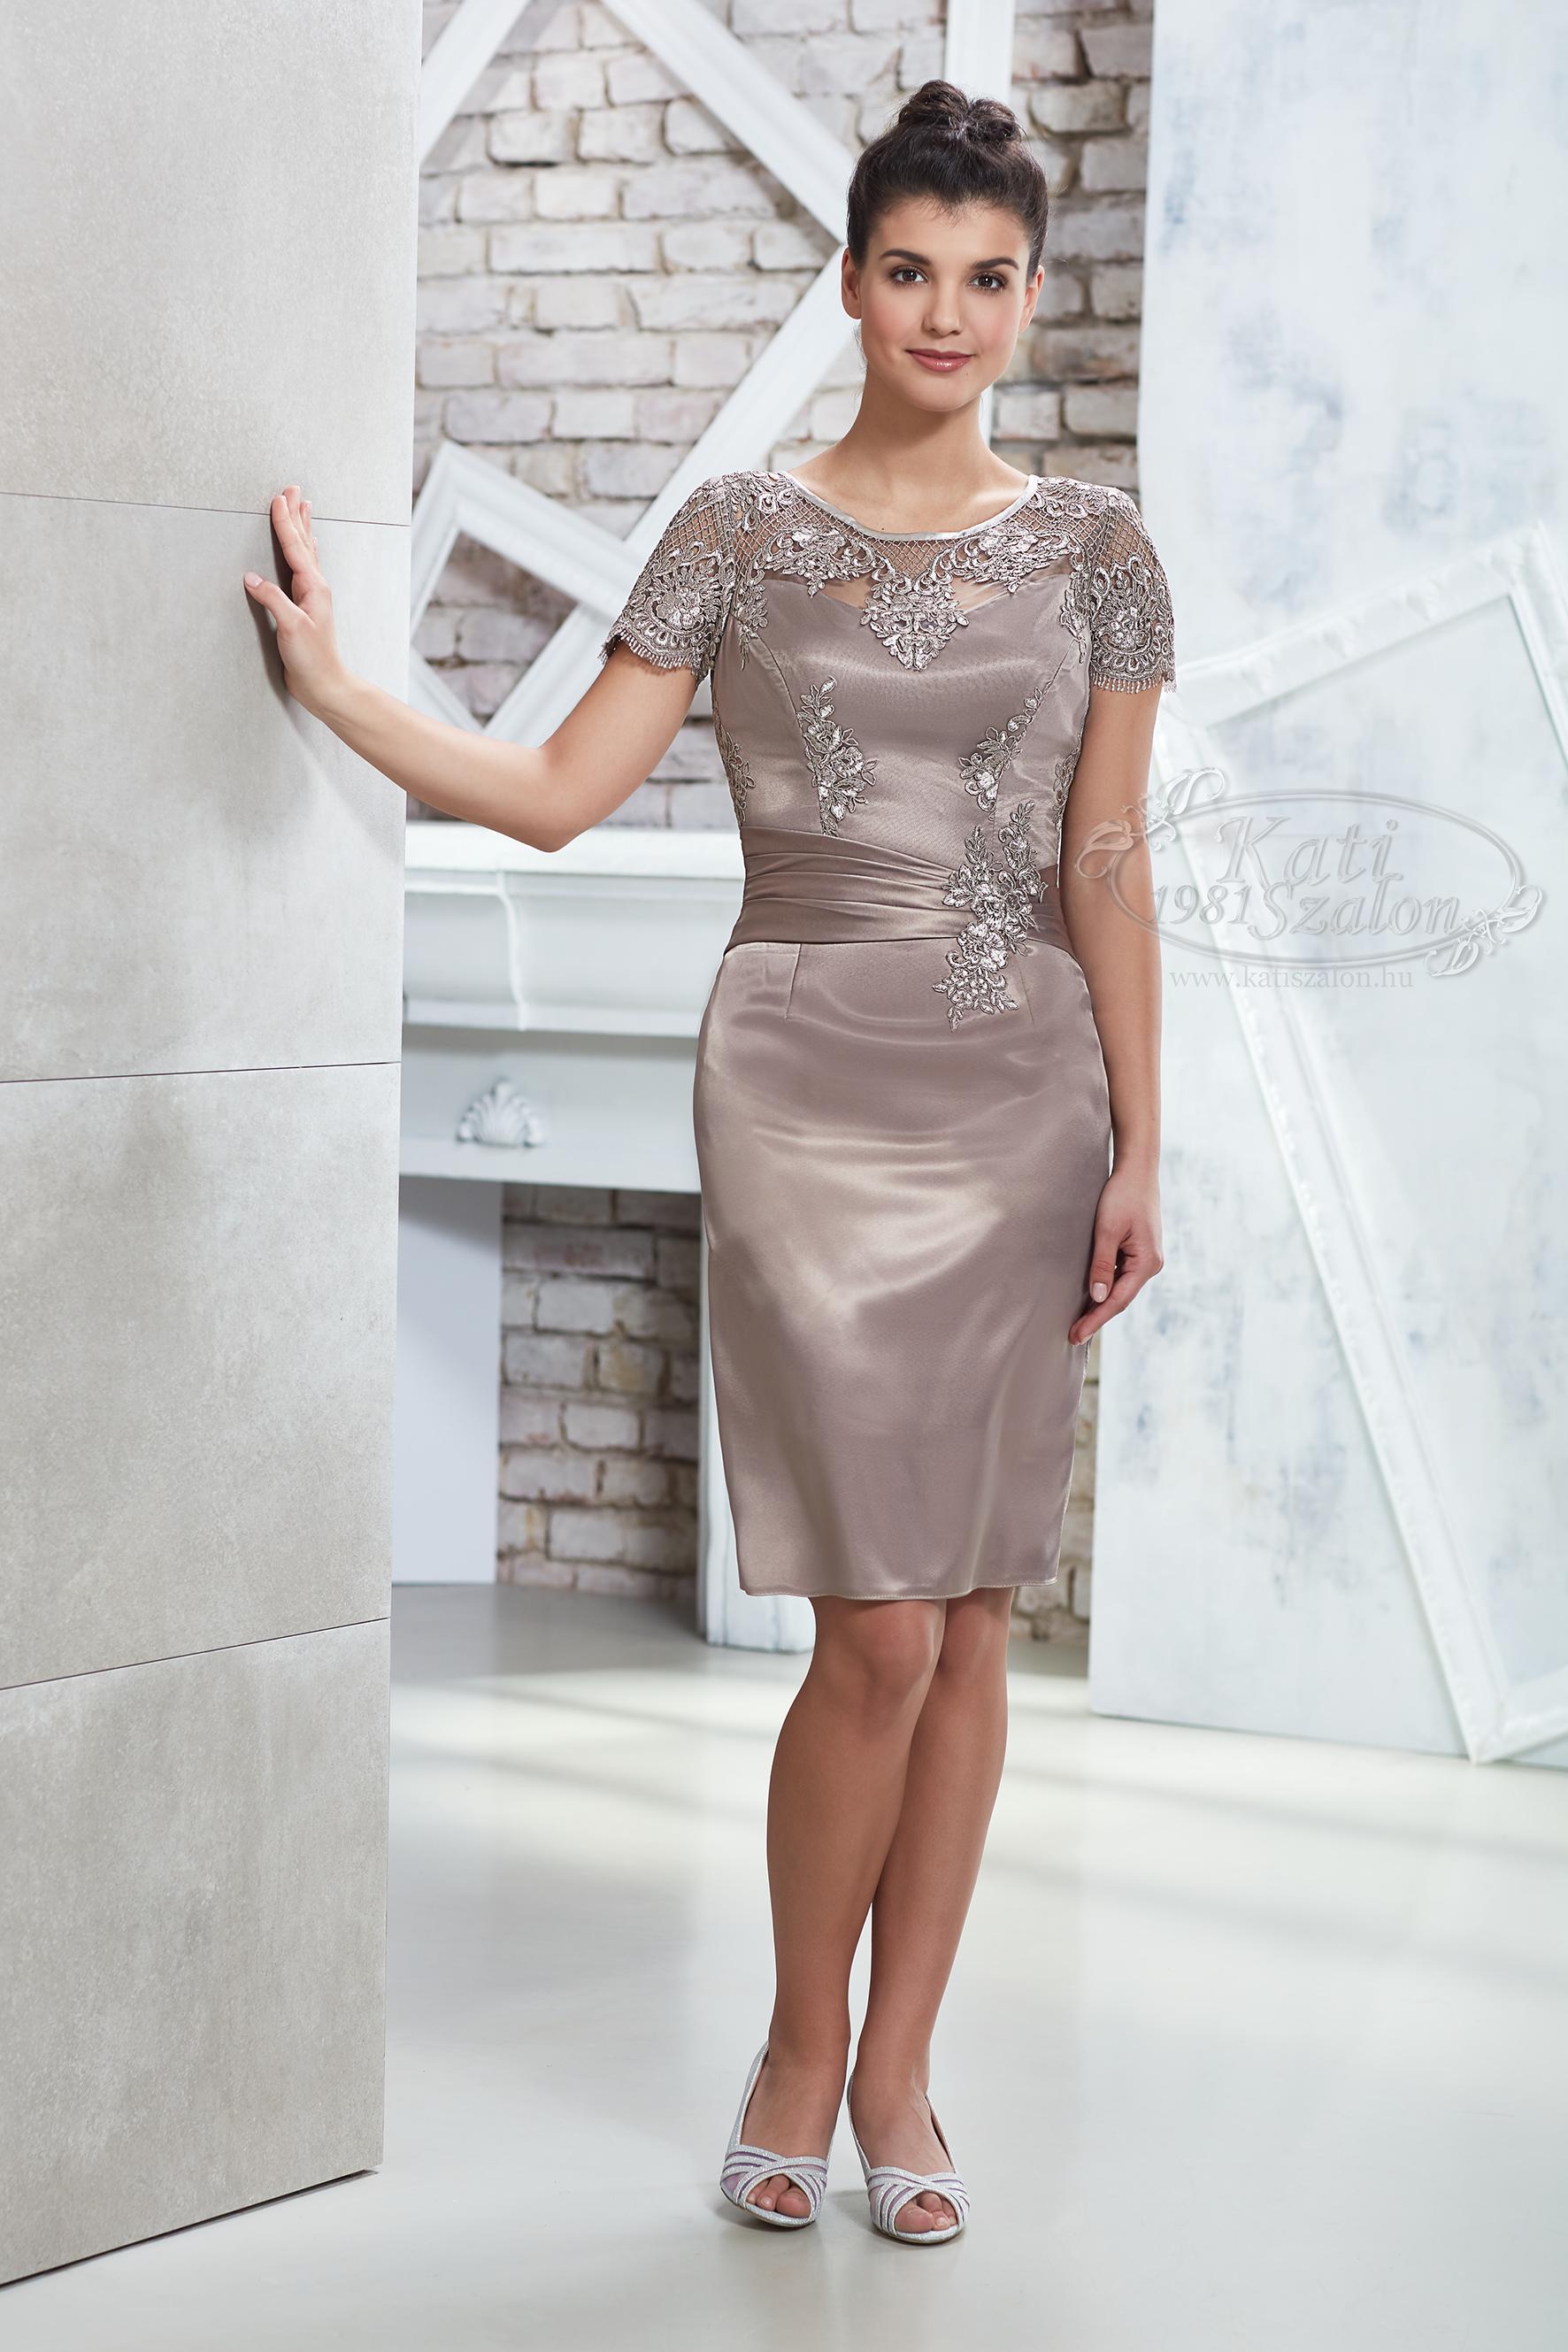 b6a1e167e3 Kati Szalon - bézs színű csipkés alkalmi ruha, koktélruha esküvőre ...